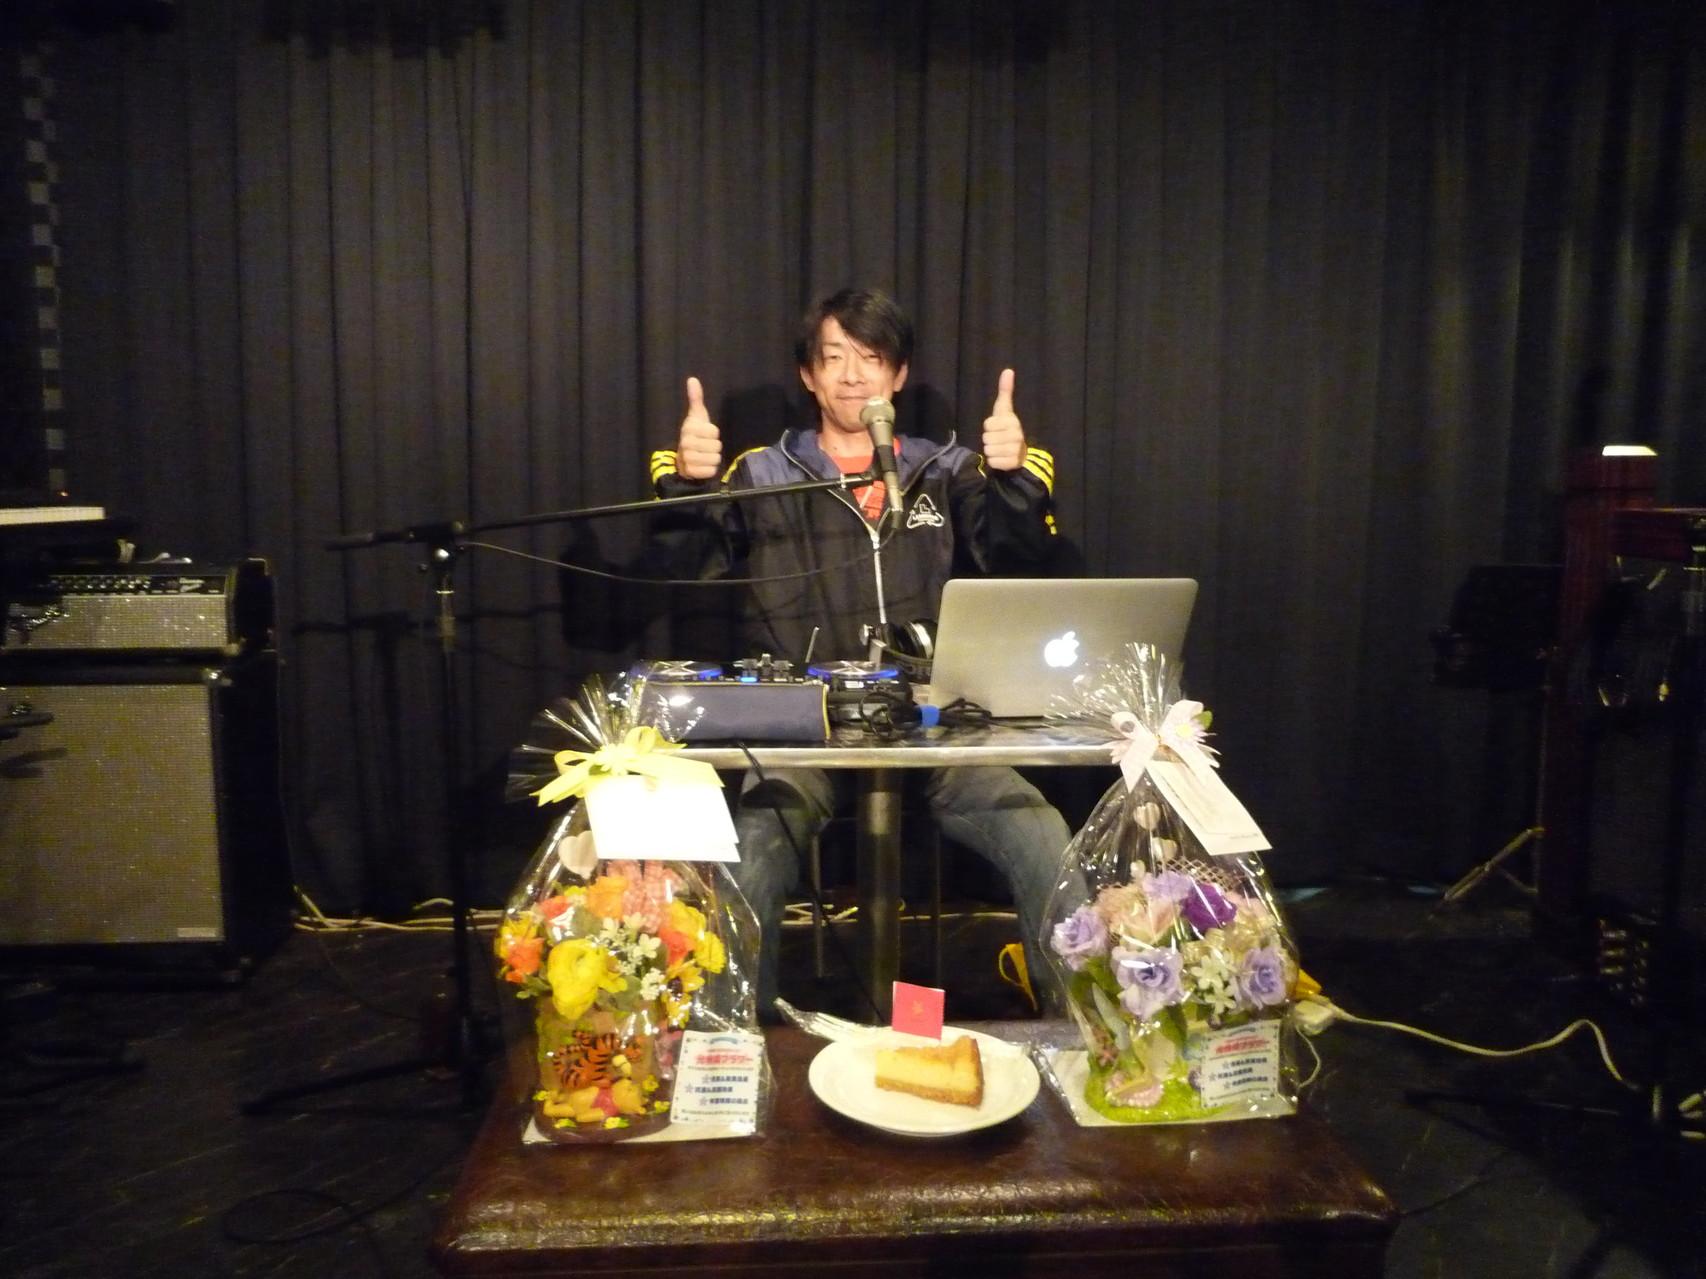 FM802 DJ浅井さんの楽しいトークとⅩの曲で盛り上がりました!